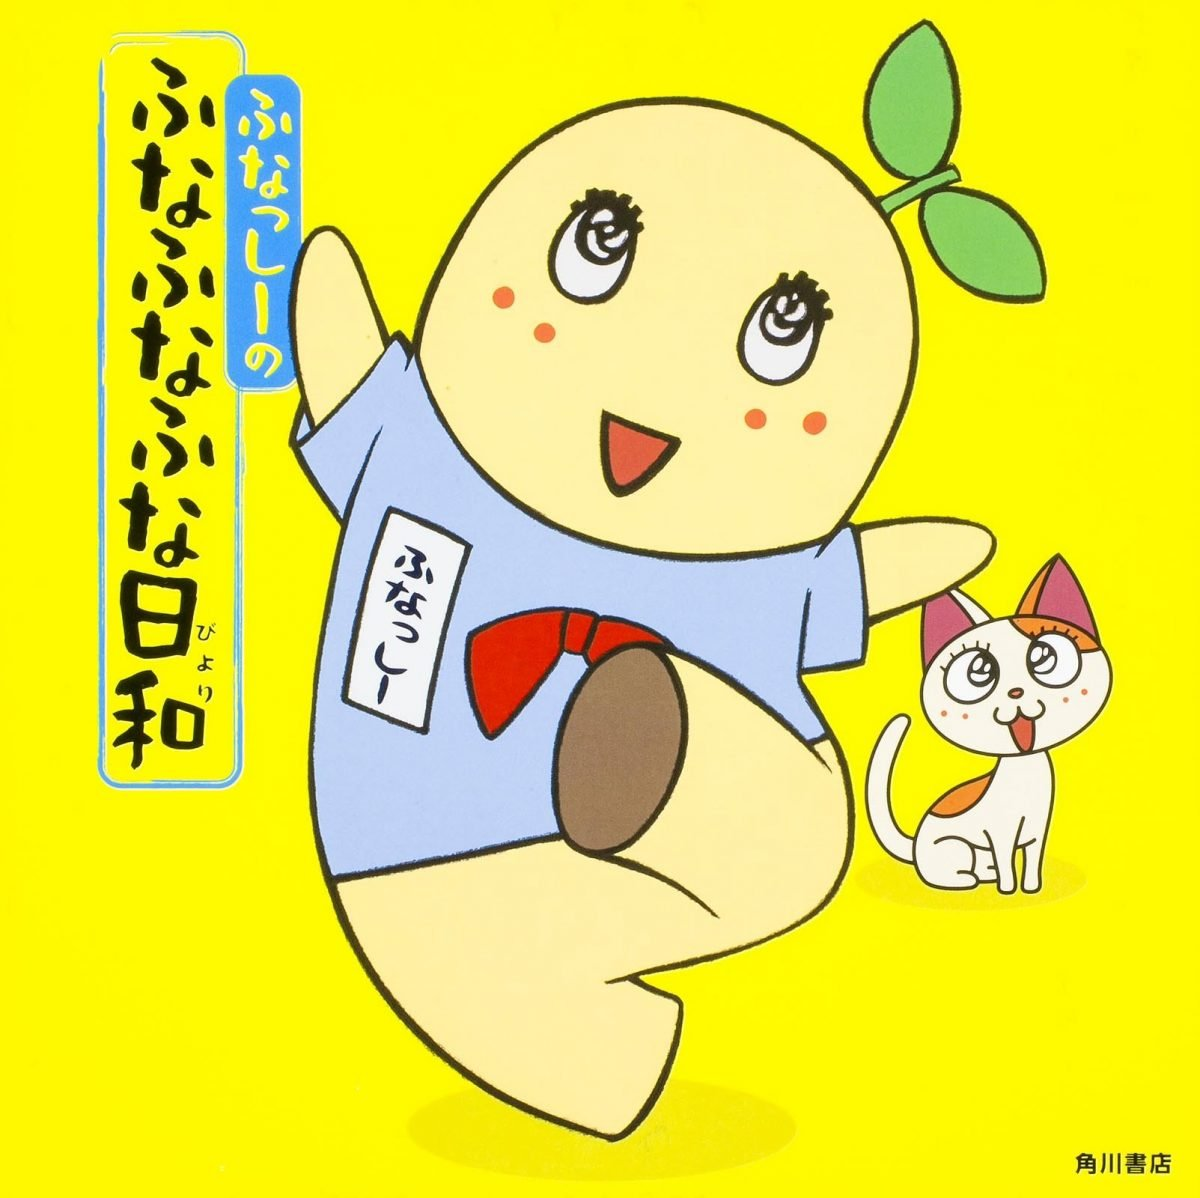 絵本「ふなっしーのふなふなふな日和」の表紙